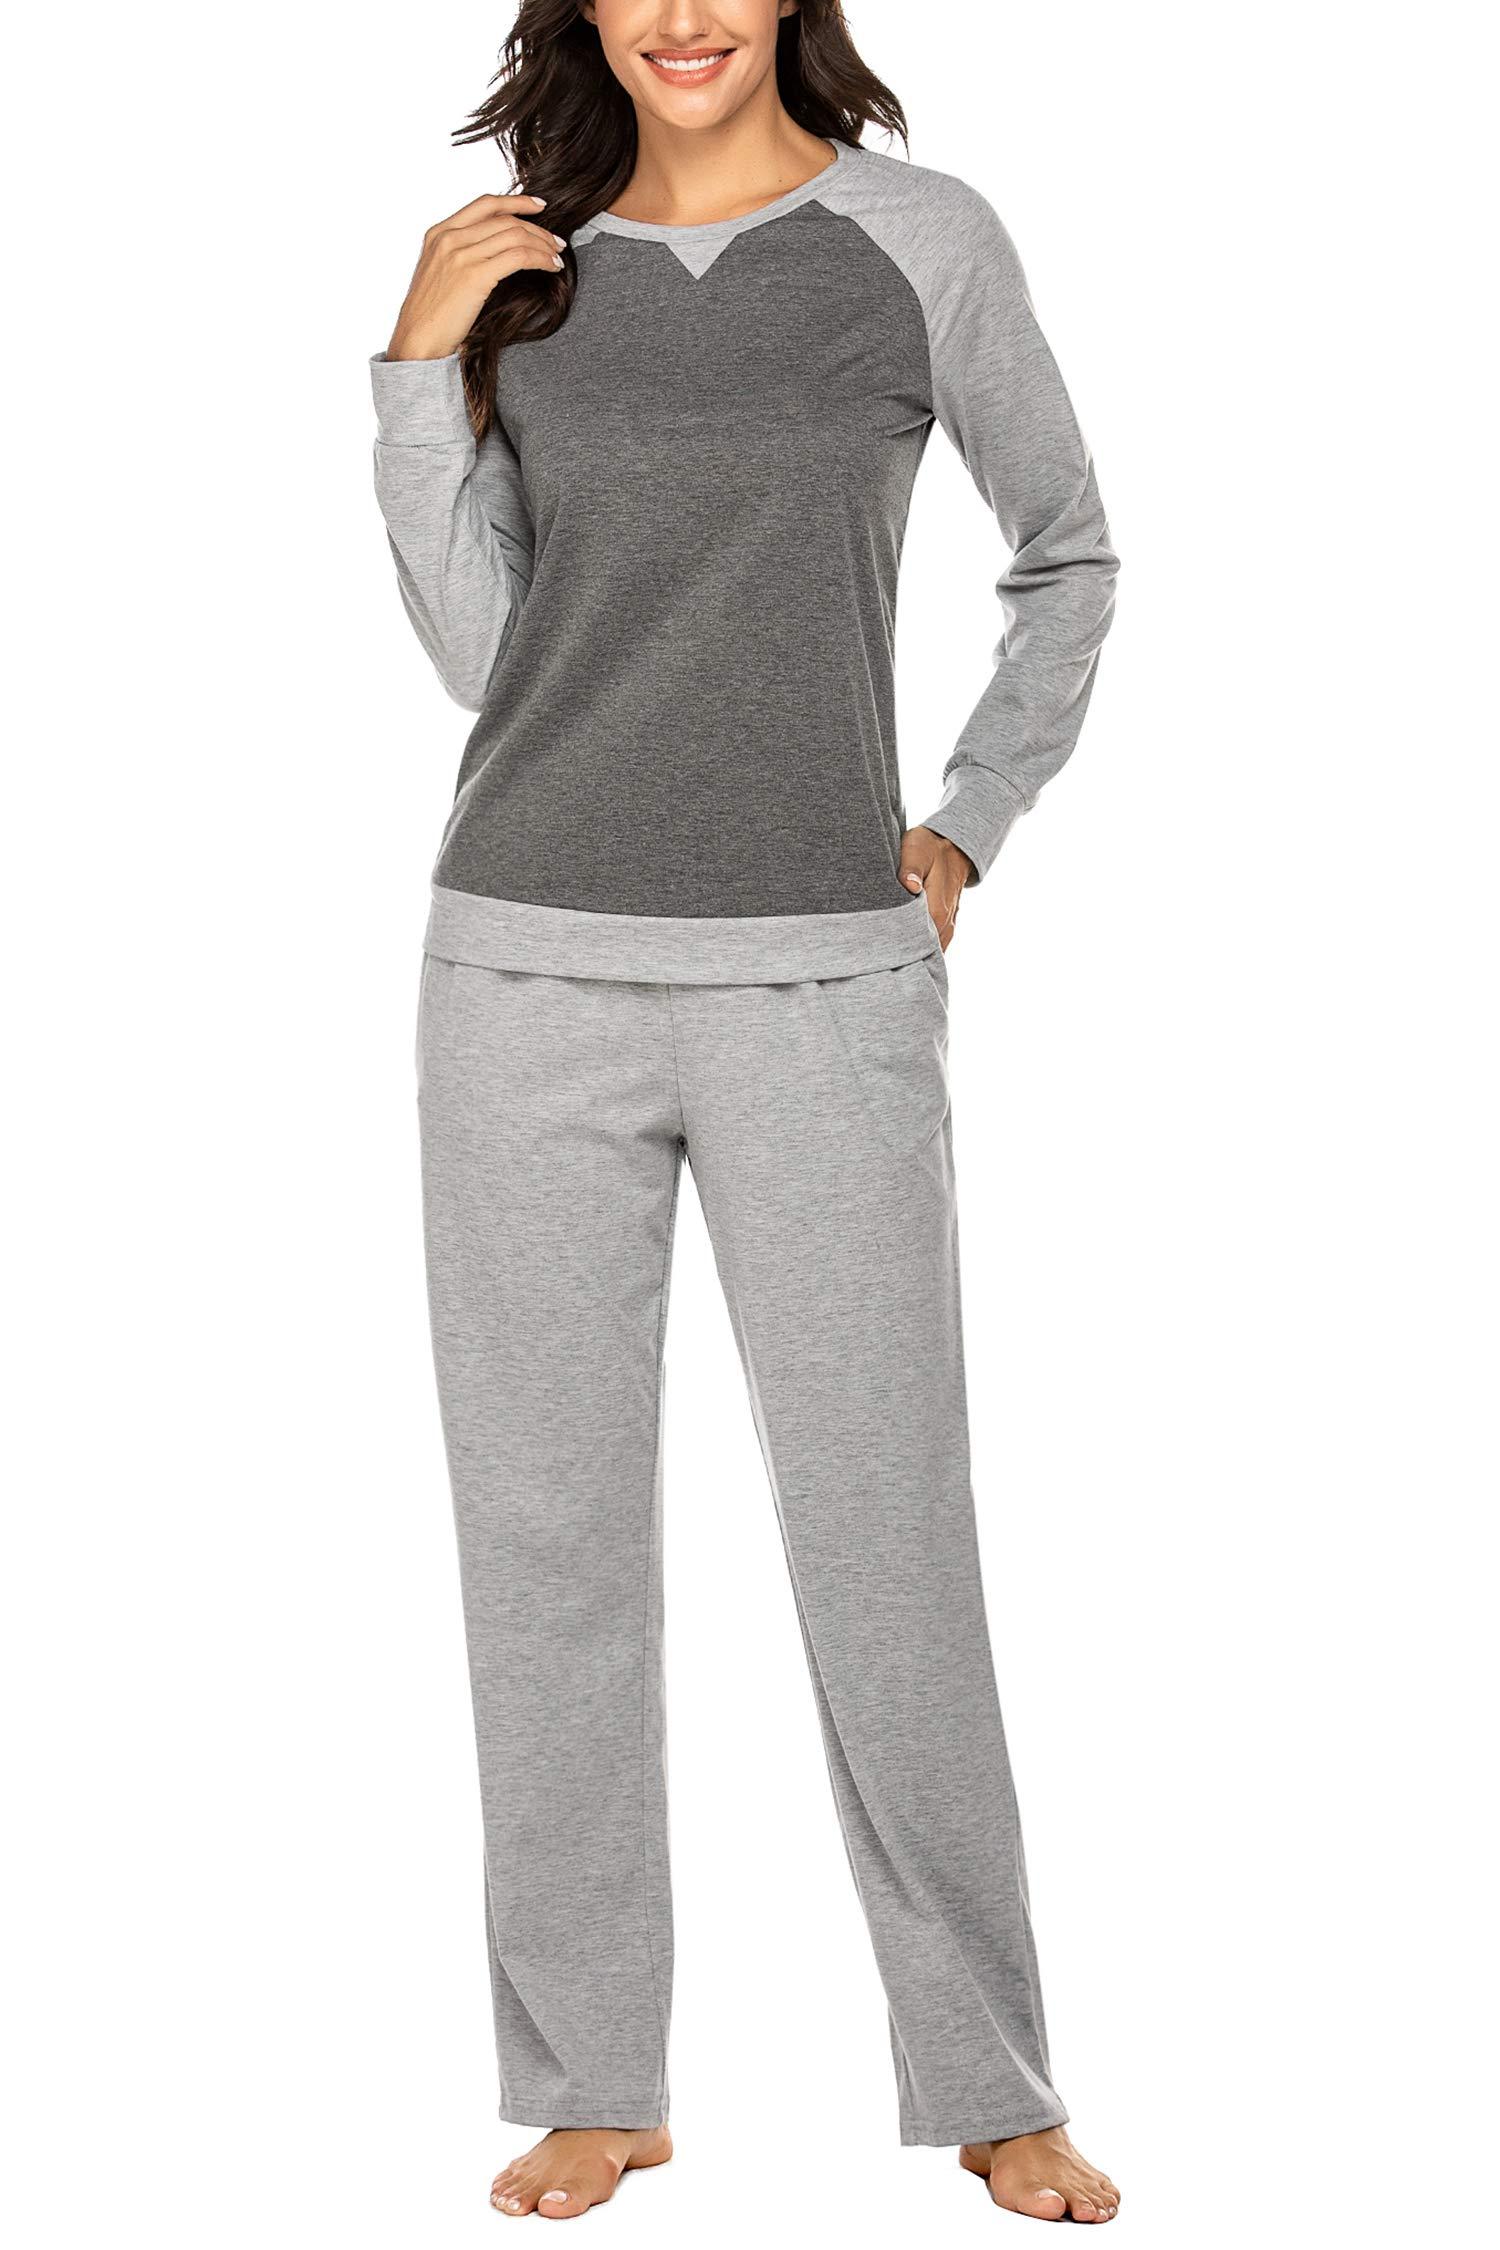 Ekouaer Women's Pajama Set Long Sleeve Pajama Soft Sleepwear Tops and Pants Pj Set